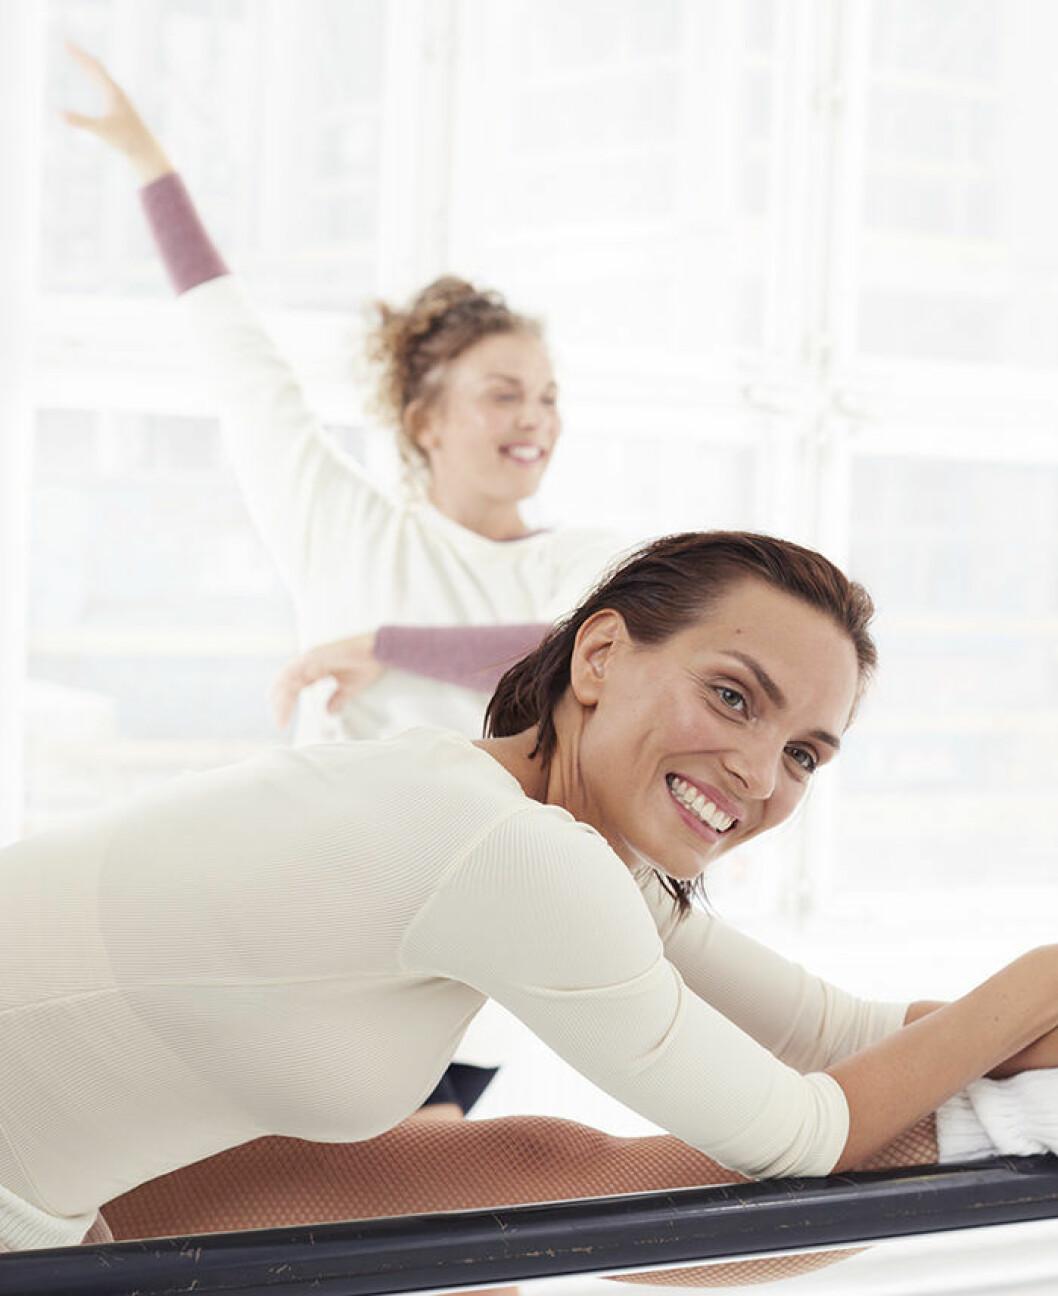 Vännerna Malin och Karin tränar ihop.